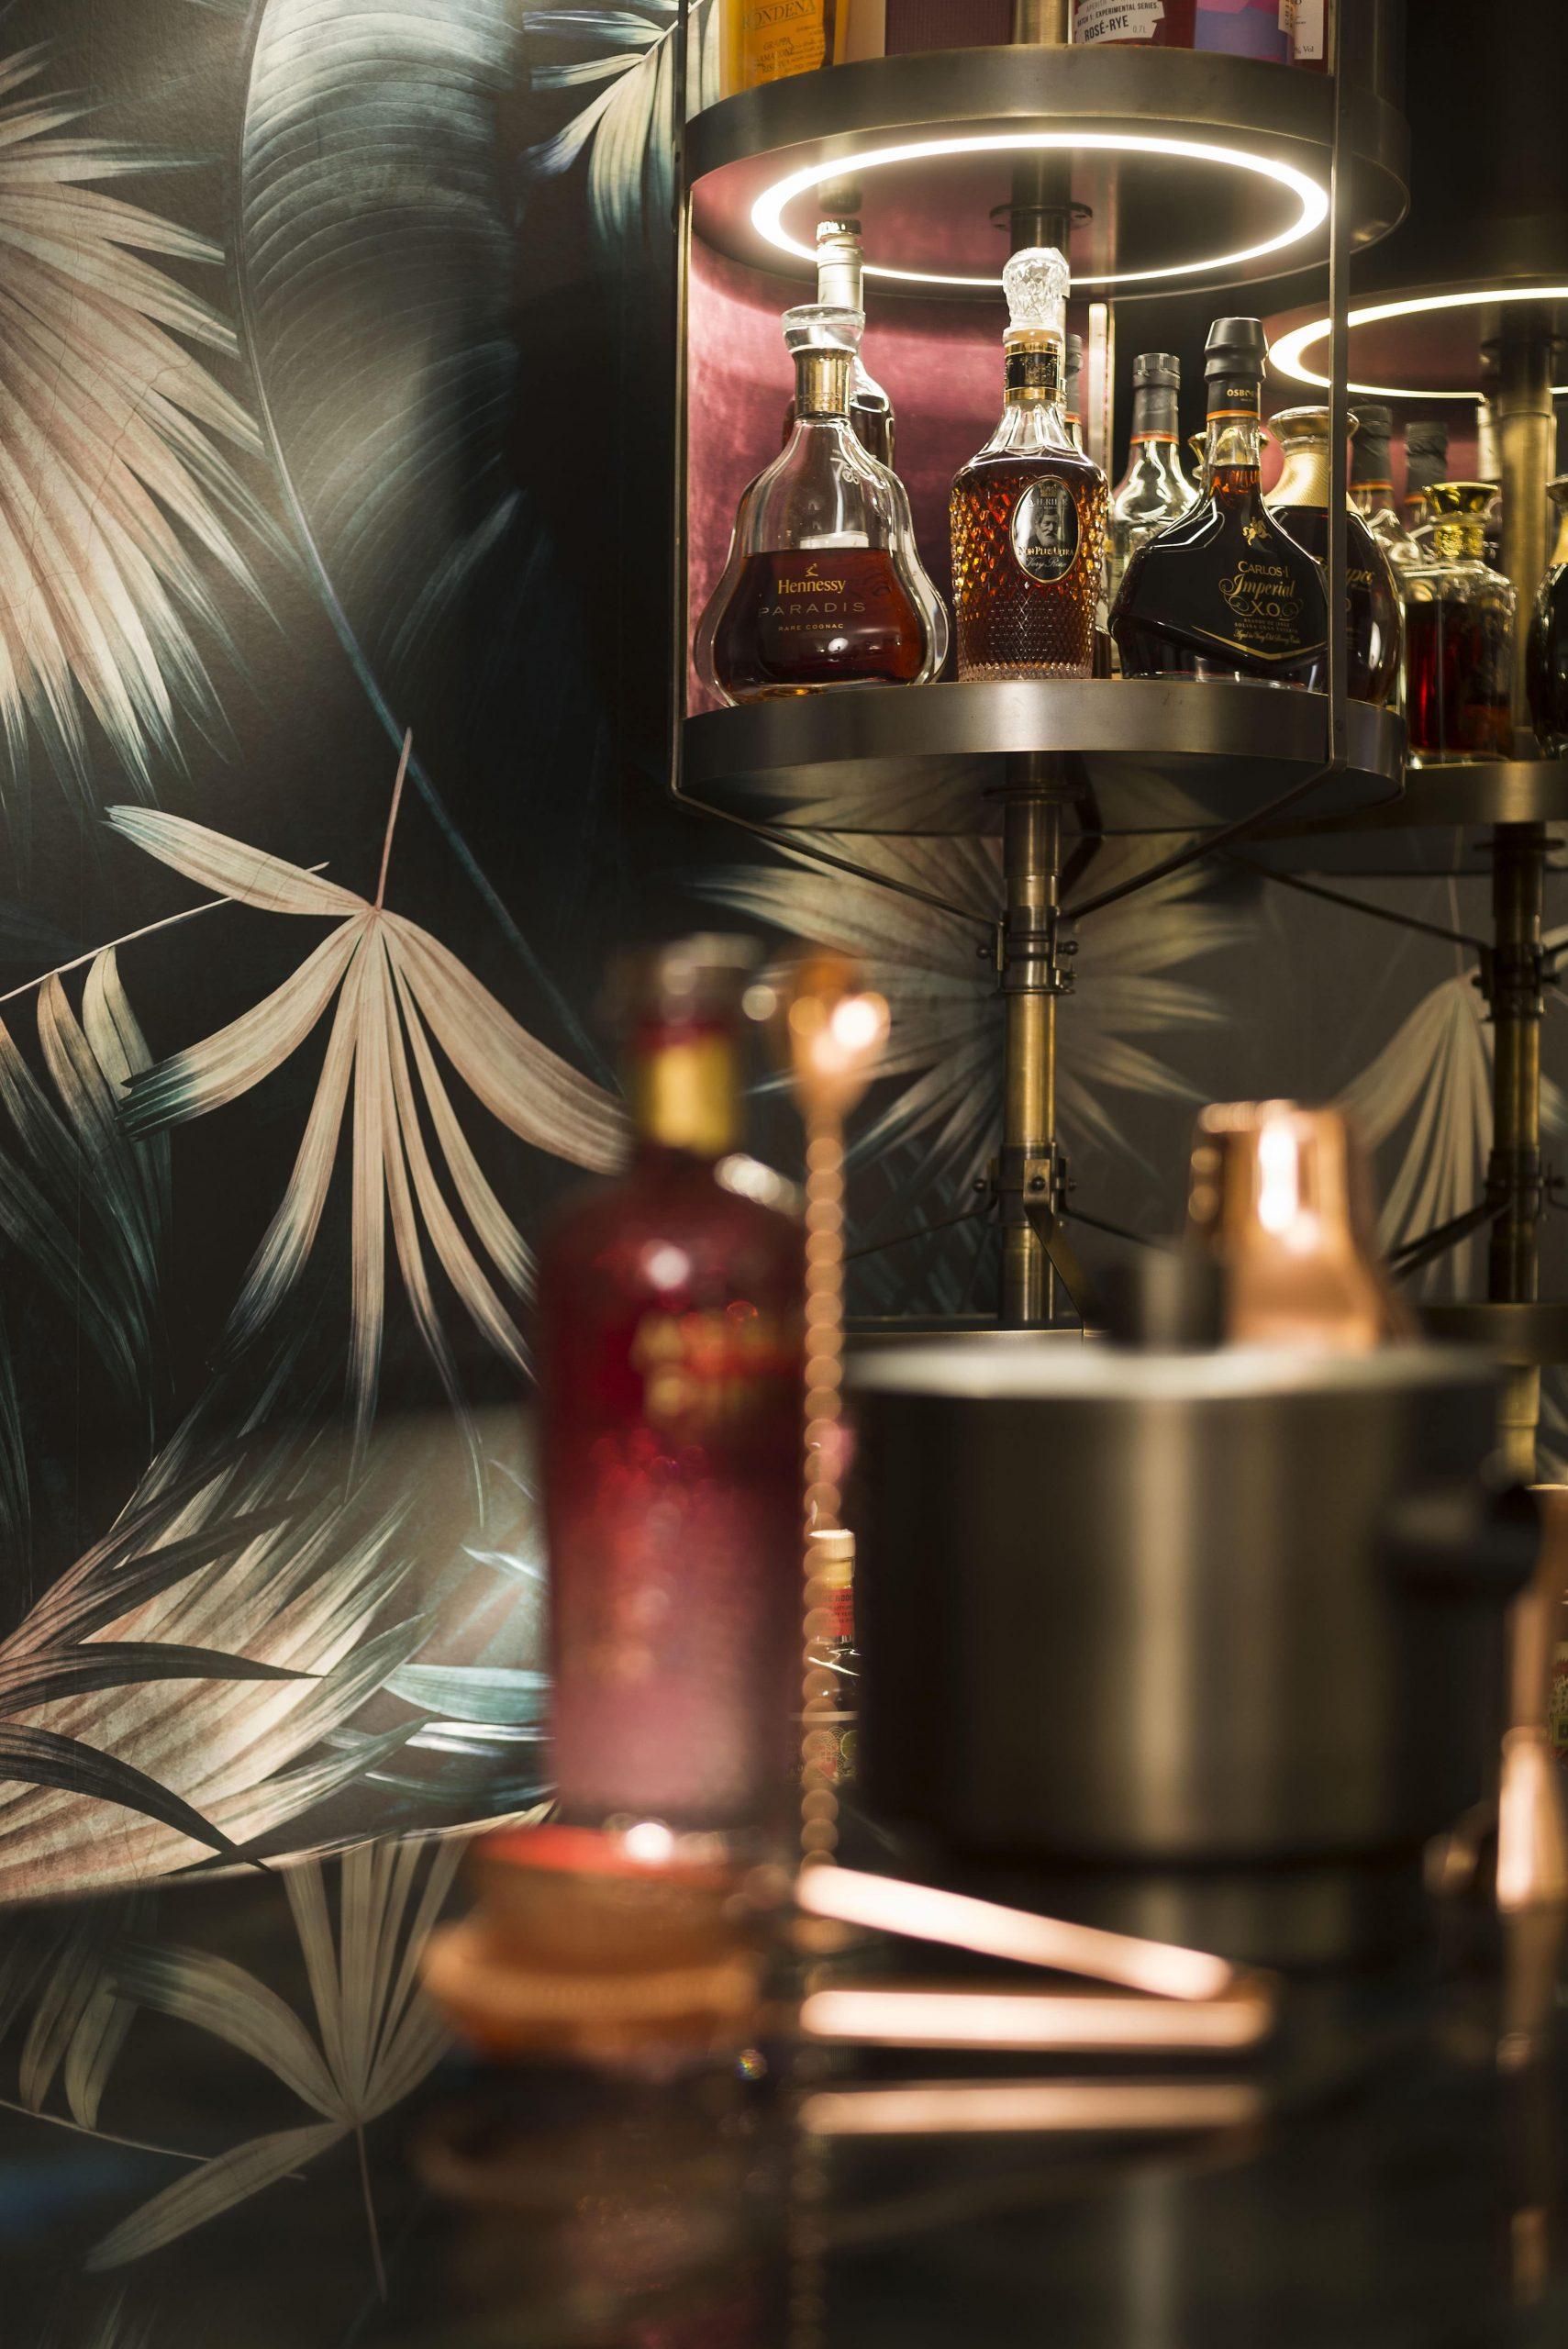 Galeriebild / Lichtplanung für eine Bar Entwurf UK4 und Morell